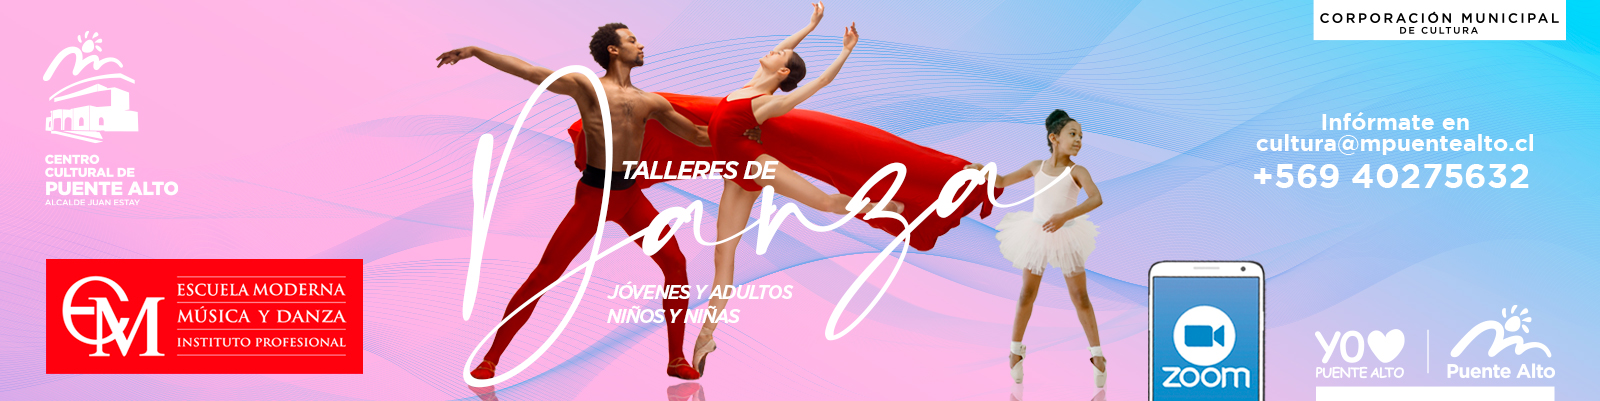 Todos a participar en los nuevos Talleres Virtuales de Danza